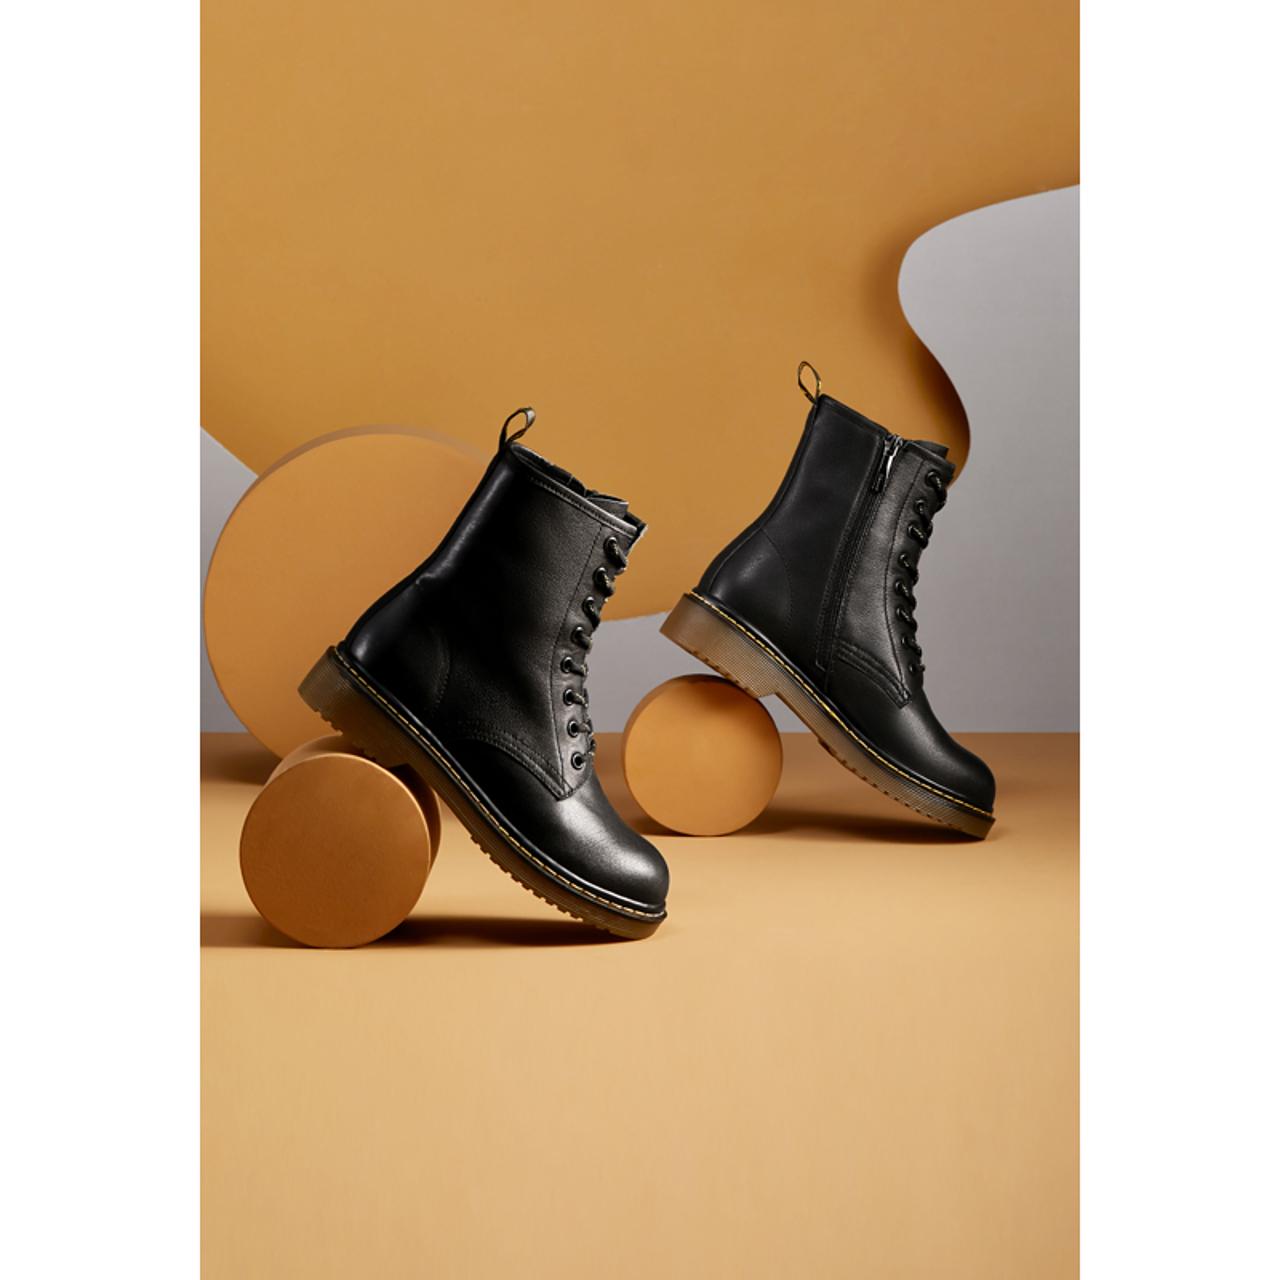 酷 ins 秋季新款马丁靴女鞋百搭英伦风真皮厚底小短靴潮 2020 千百度